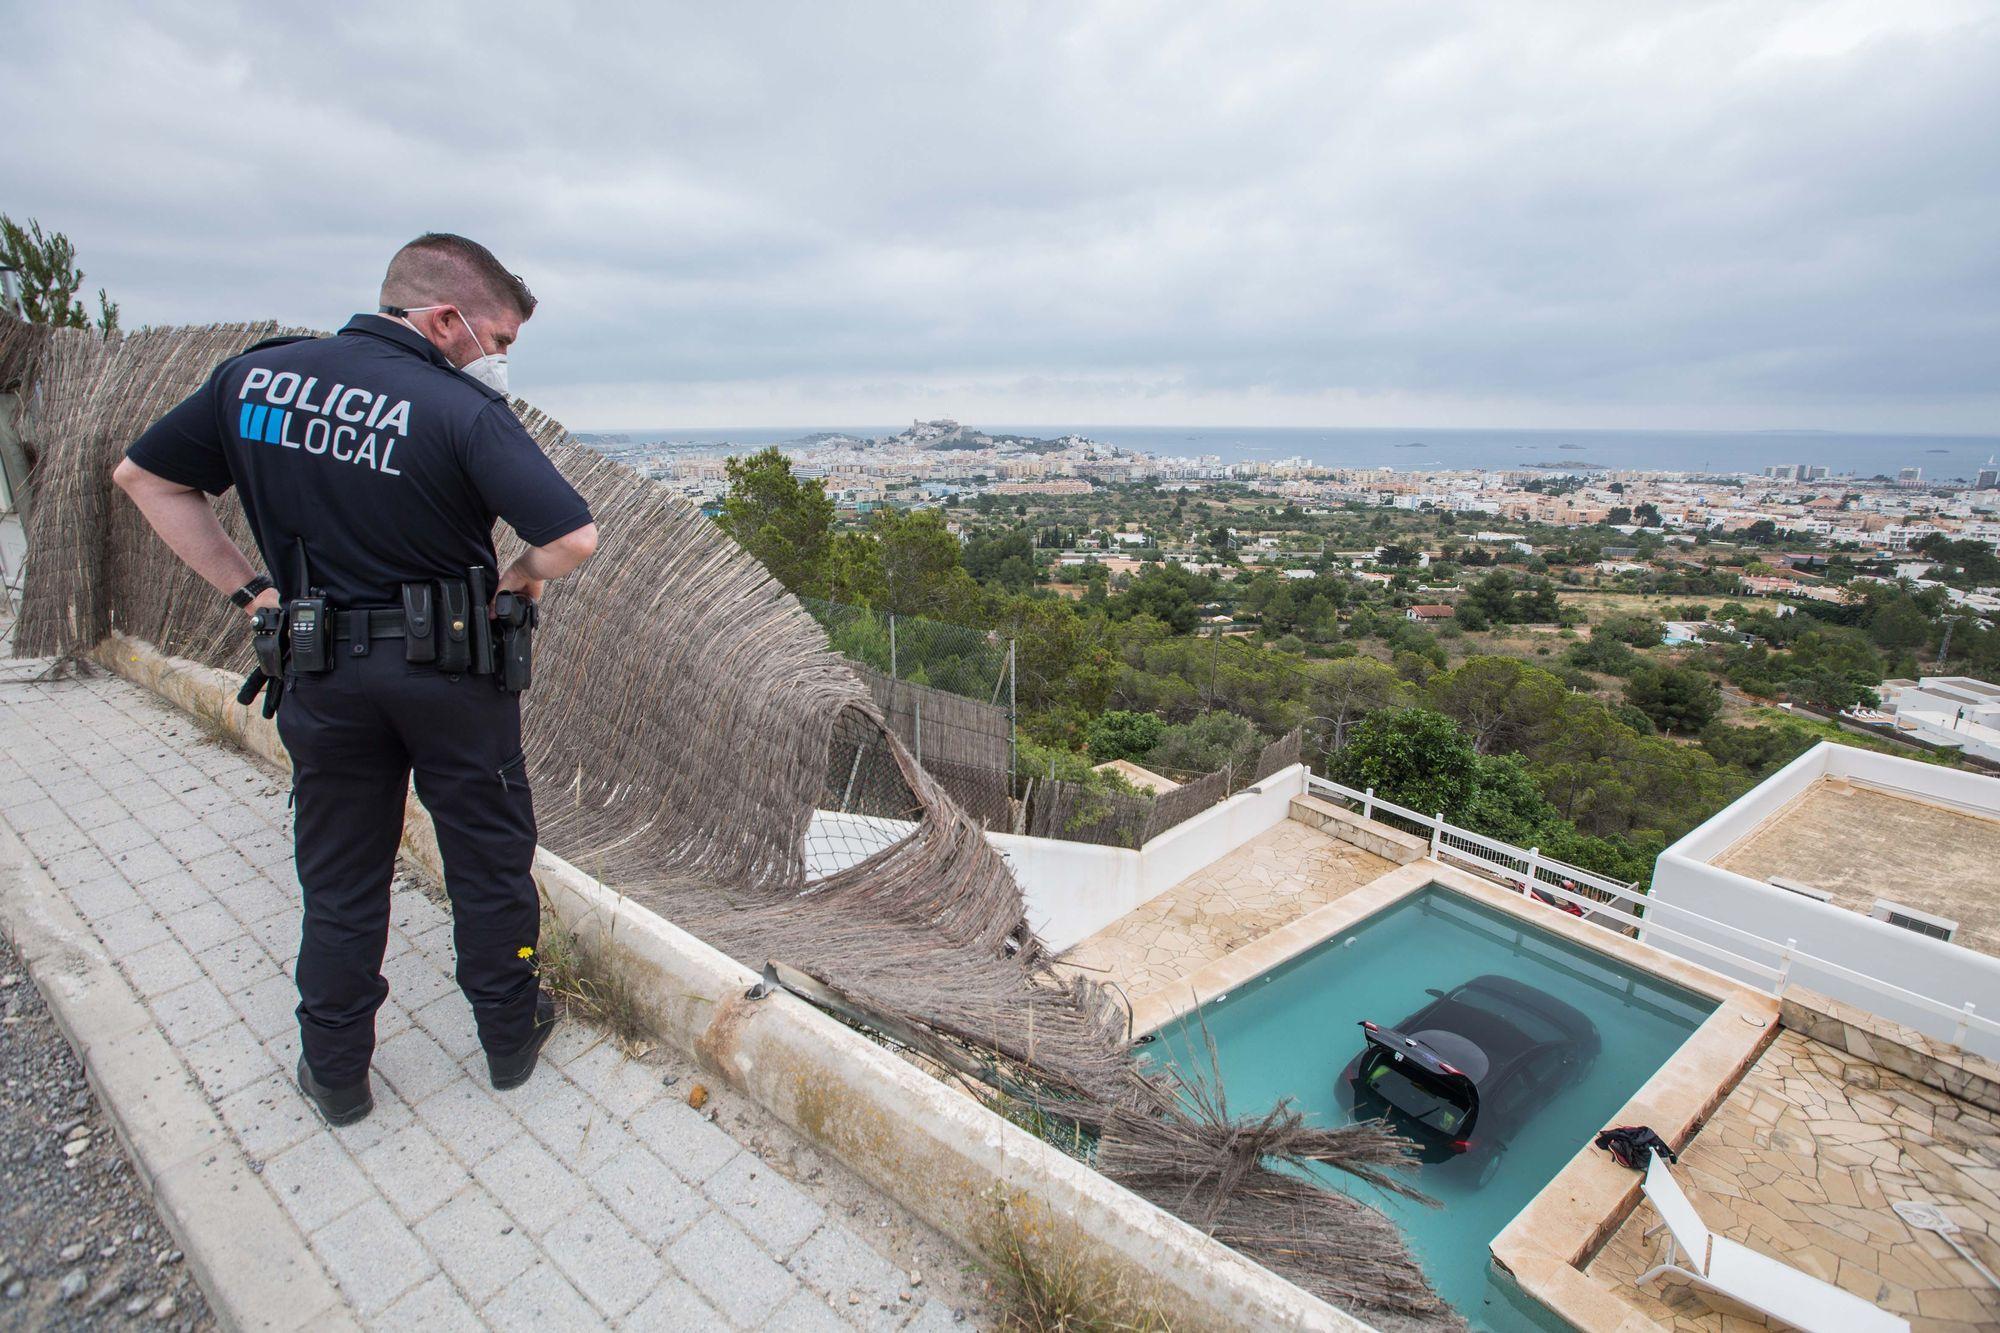 Un coche cae a una piscina del barrio en Ibiza